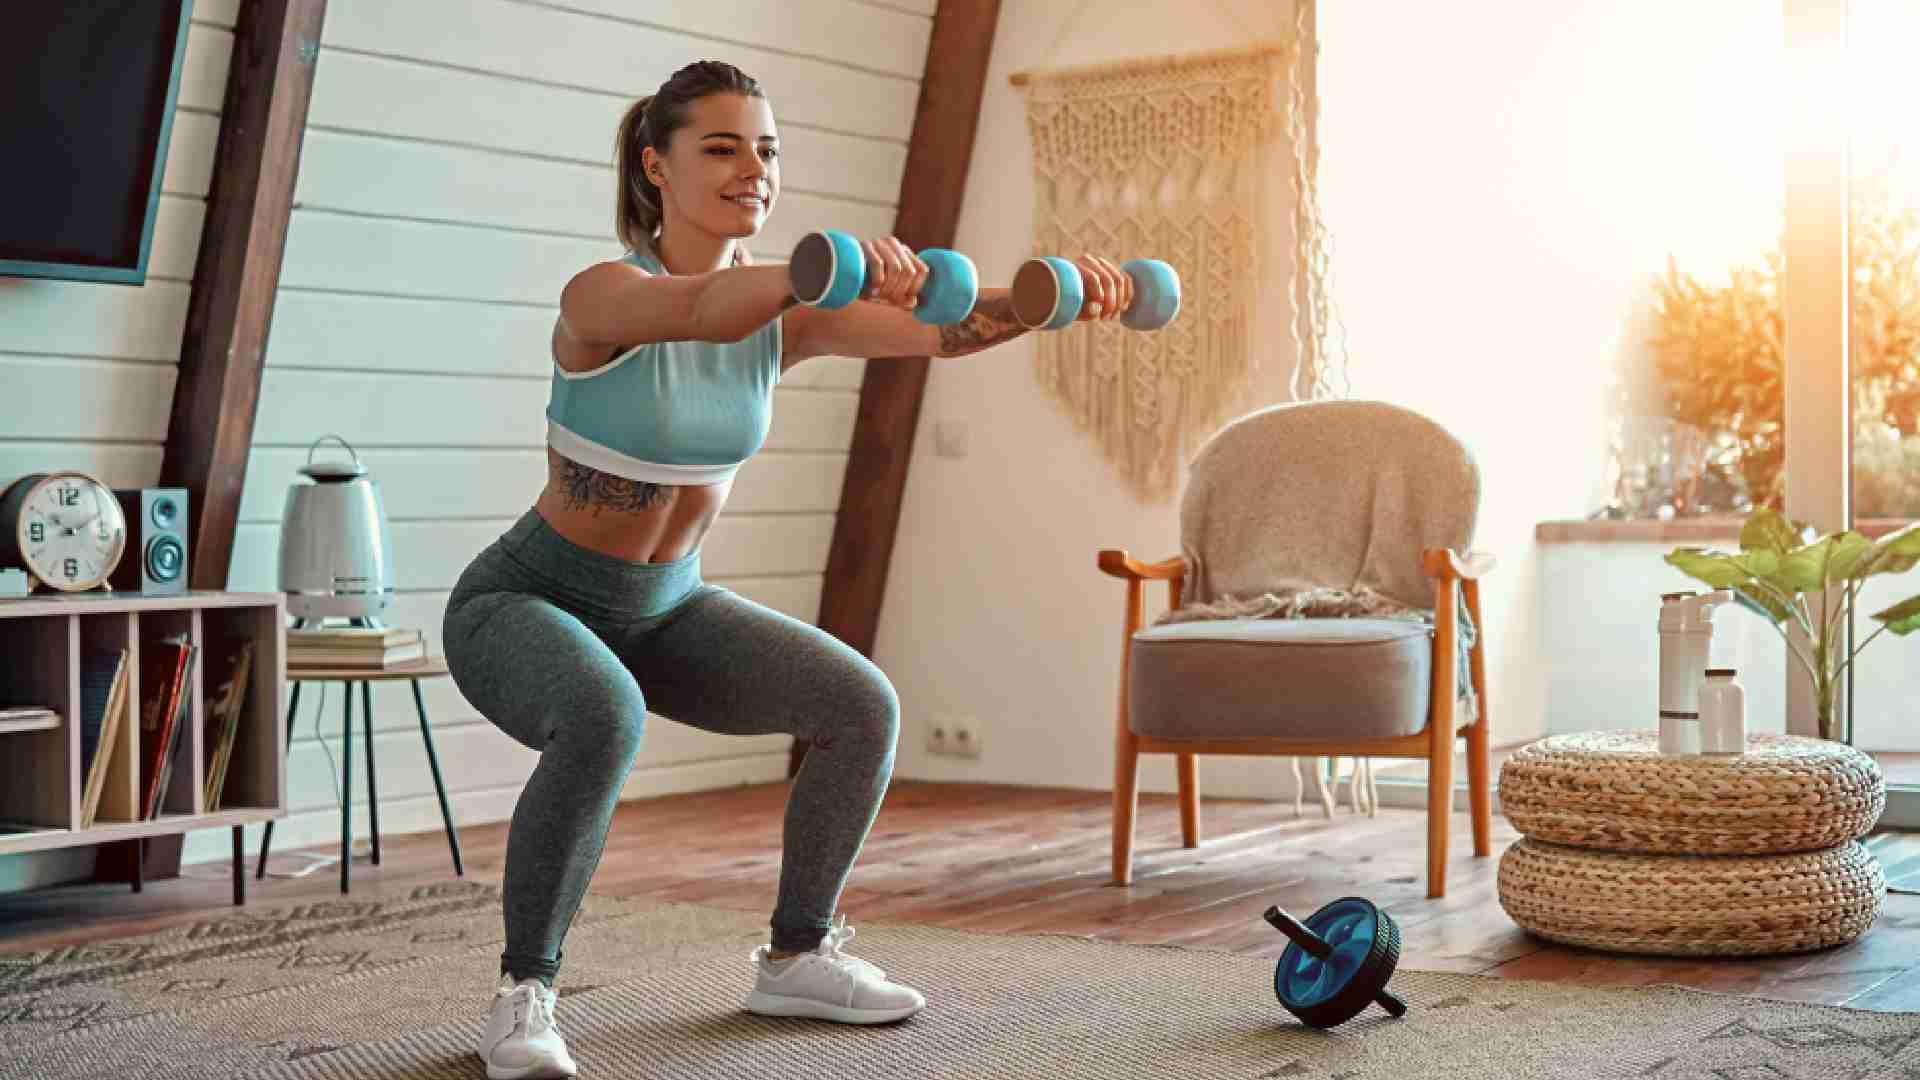 Mulher fazendo musculação na sala de casa